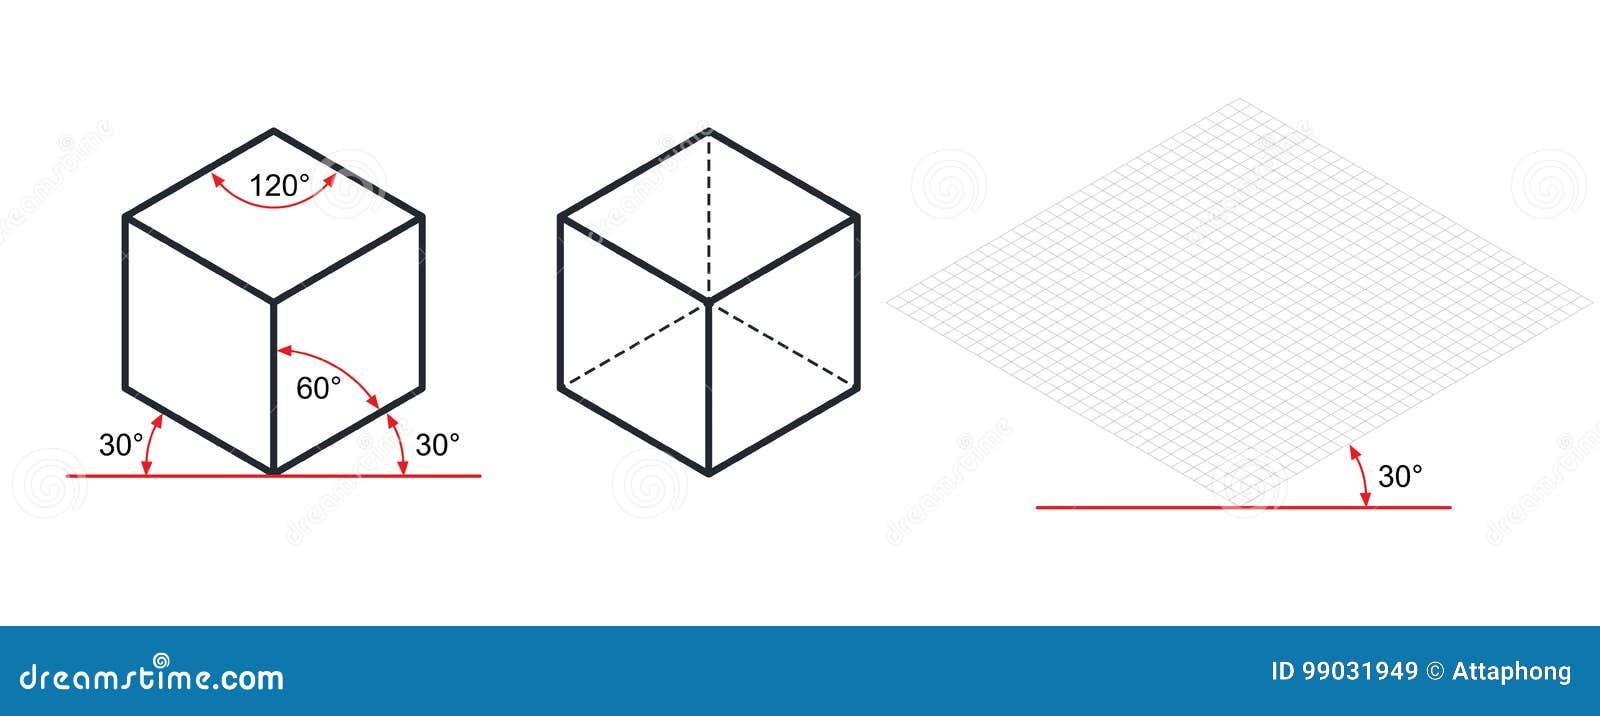 等角图三十degreesangle被应用于它的边